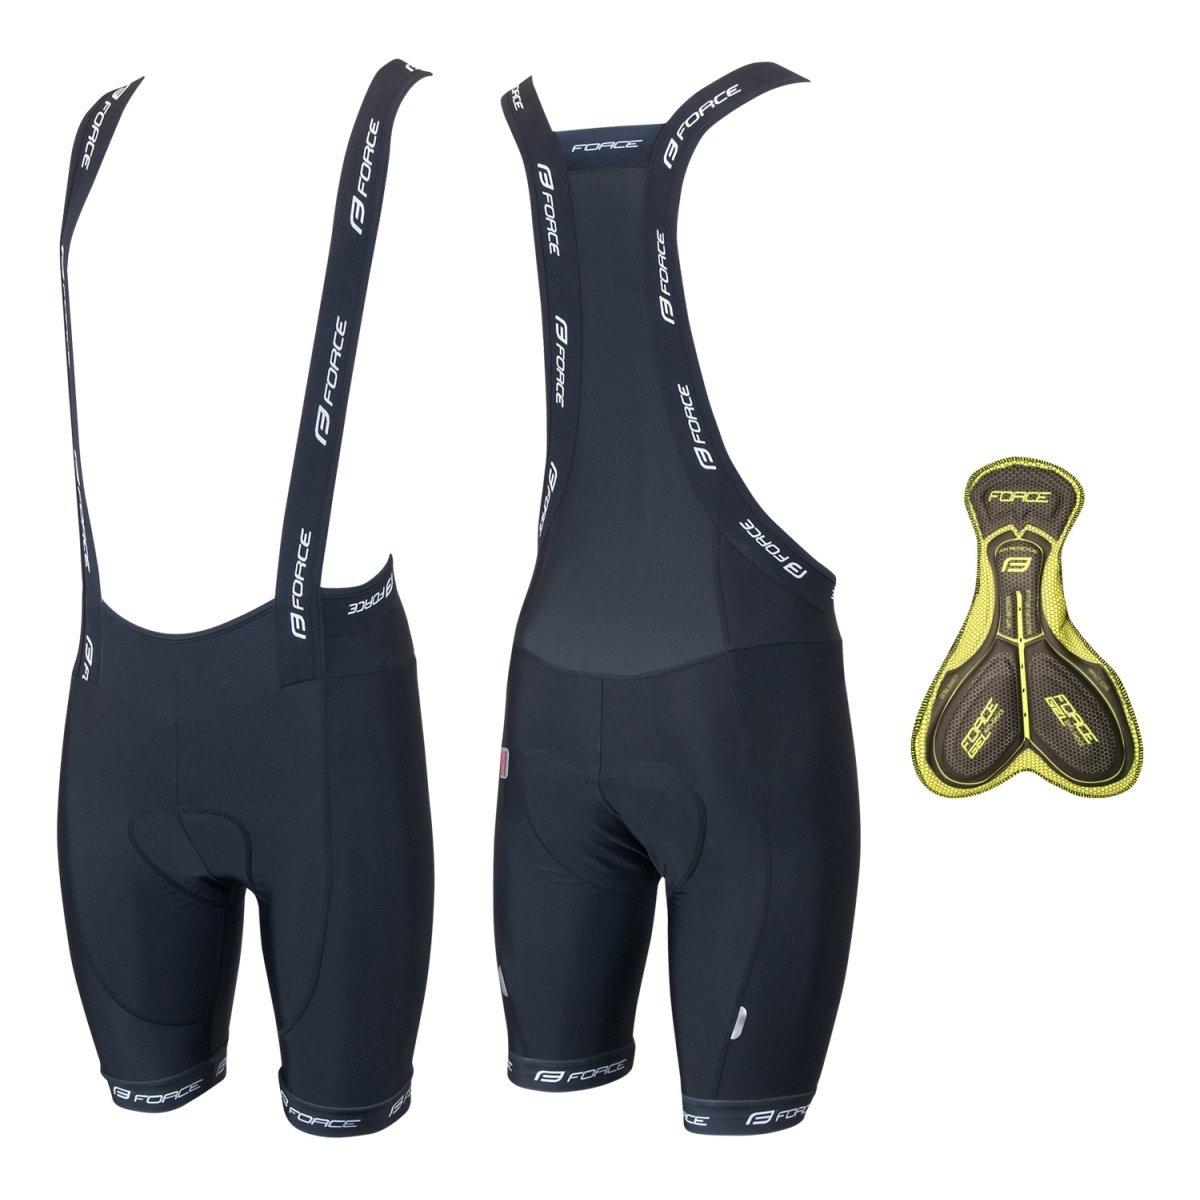 Force B45 shorts med seler og GEL indlæg   Trousers